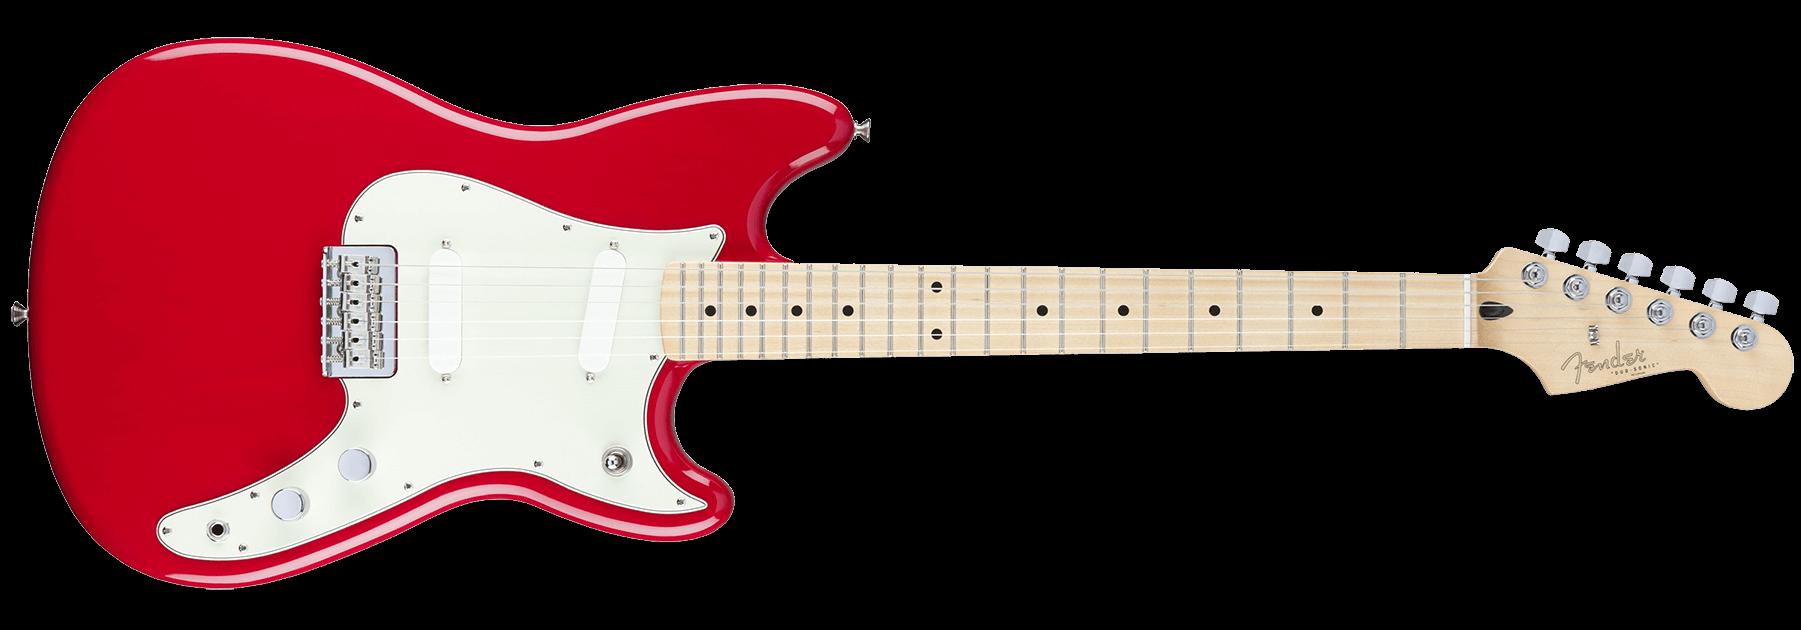 Fender Duo-Sonic Torino Red